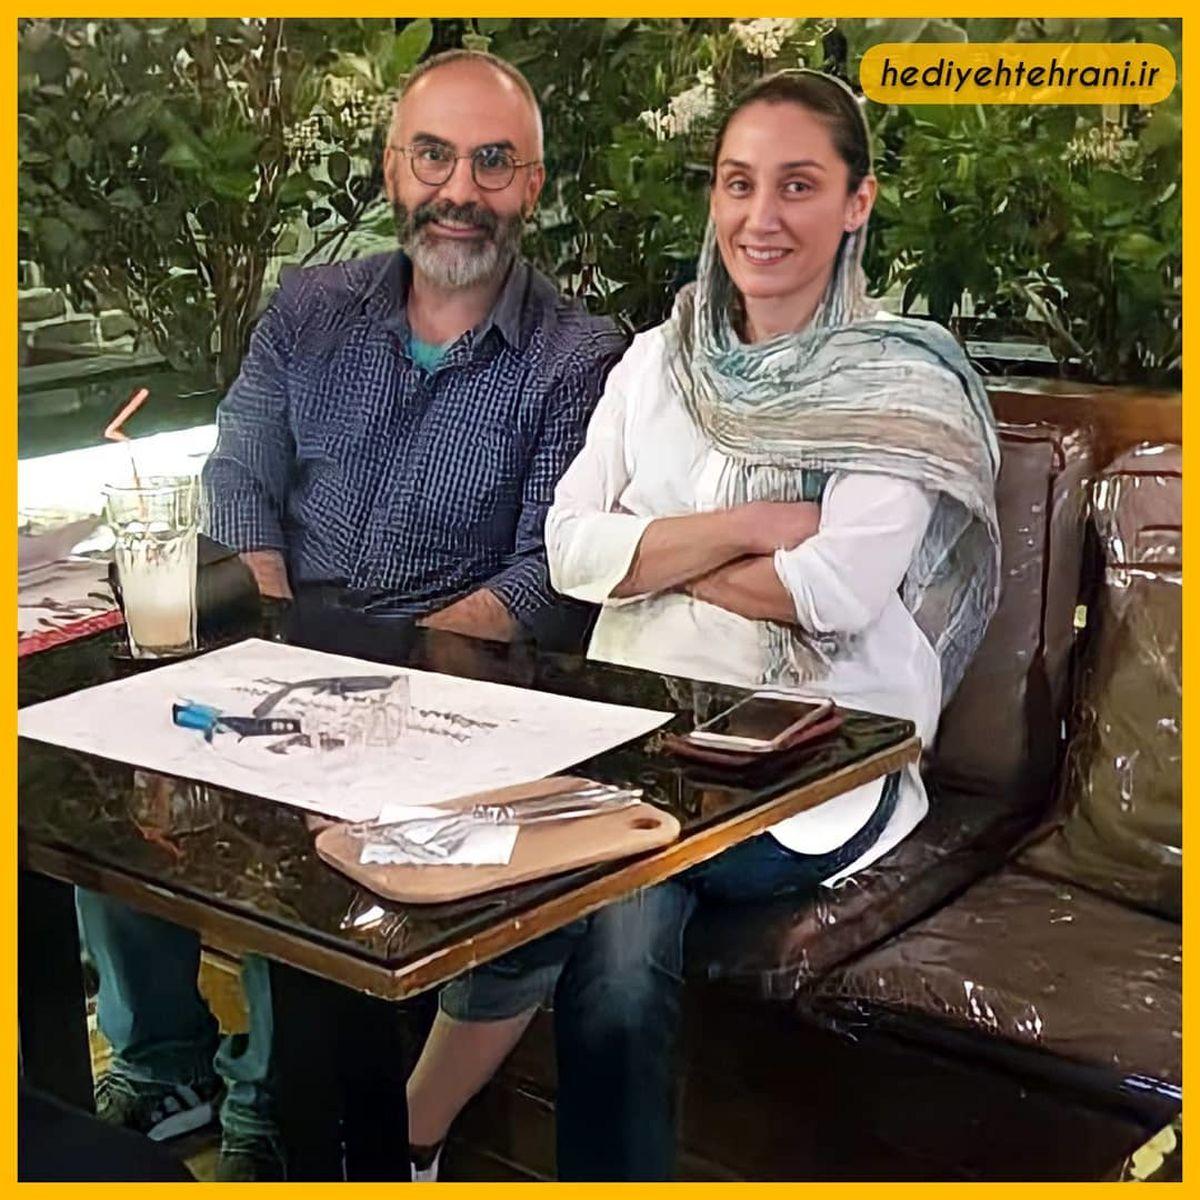 شلوار فوق کوتاه و پاهای برهنه هدیه تهرانی در کافه +عکس